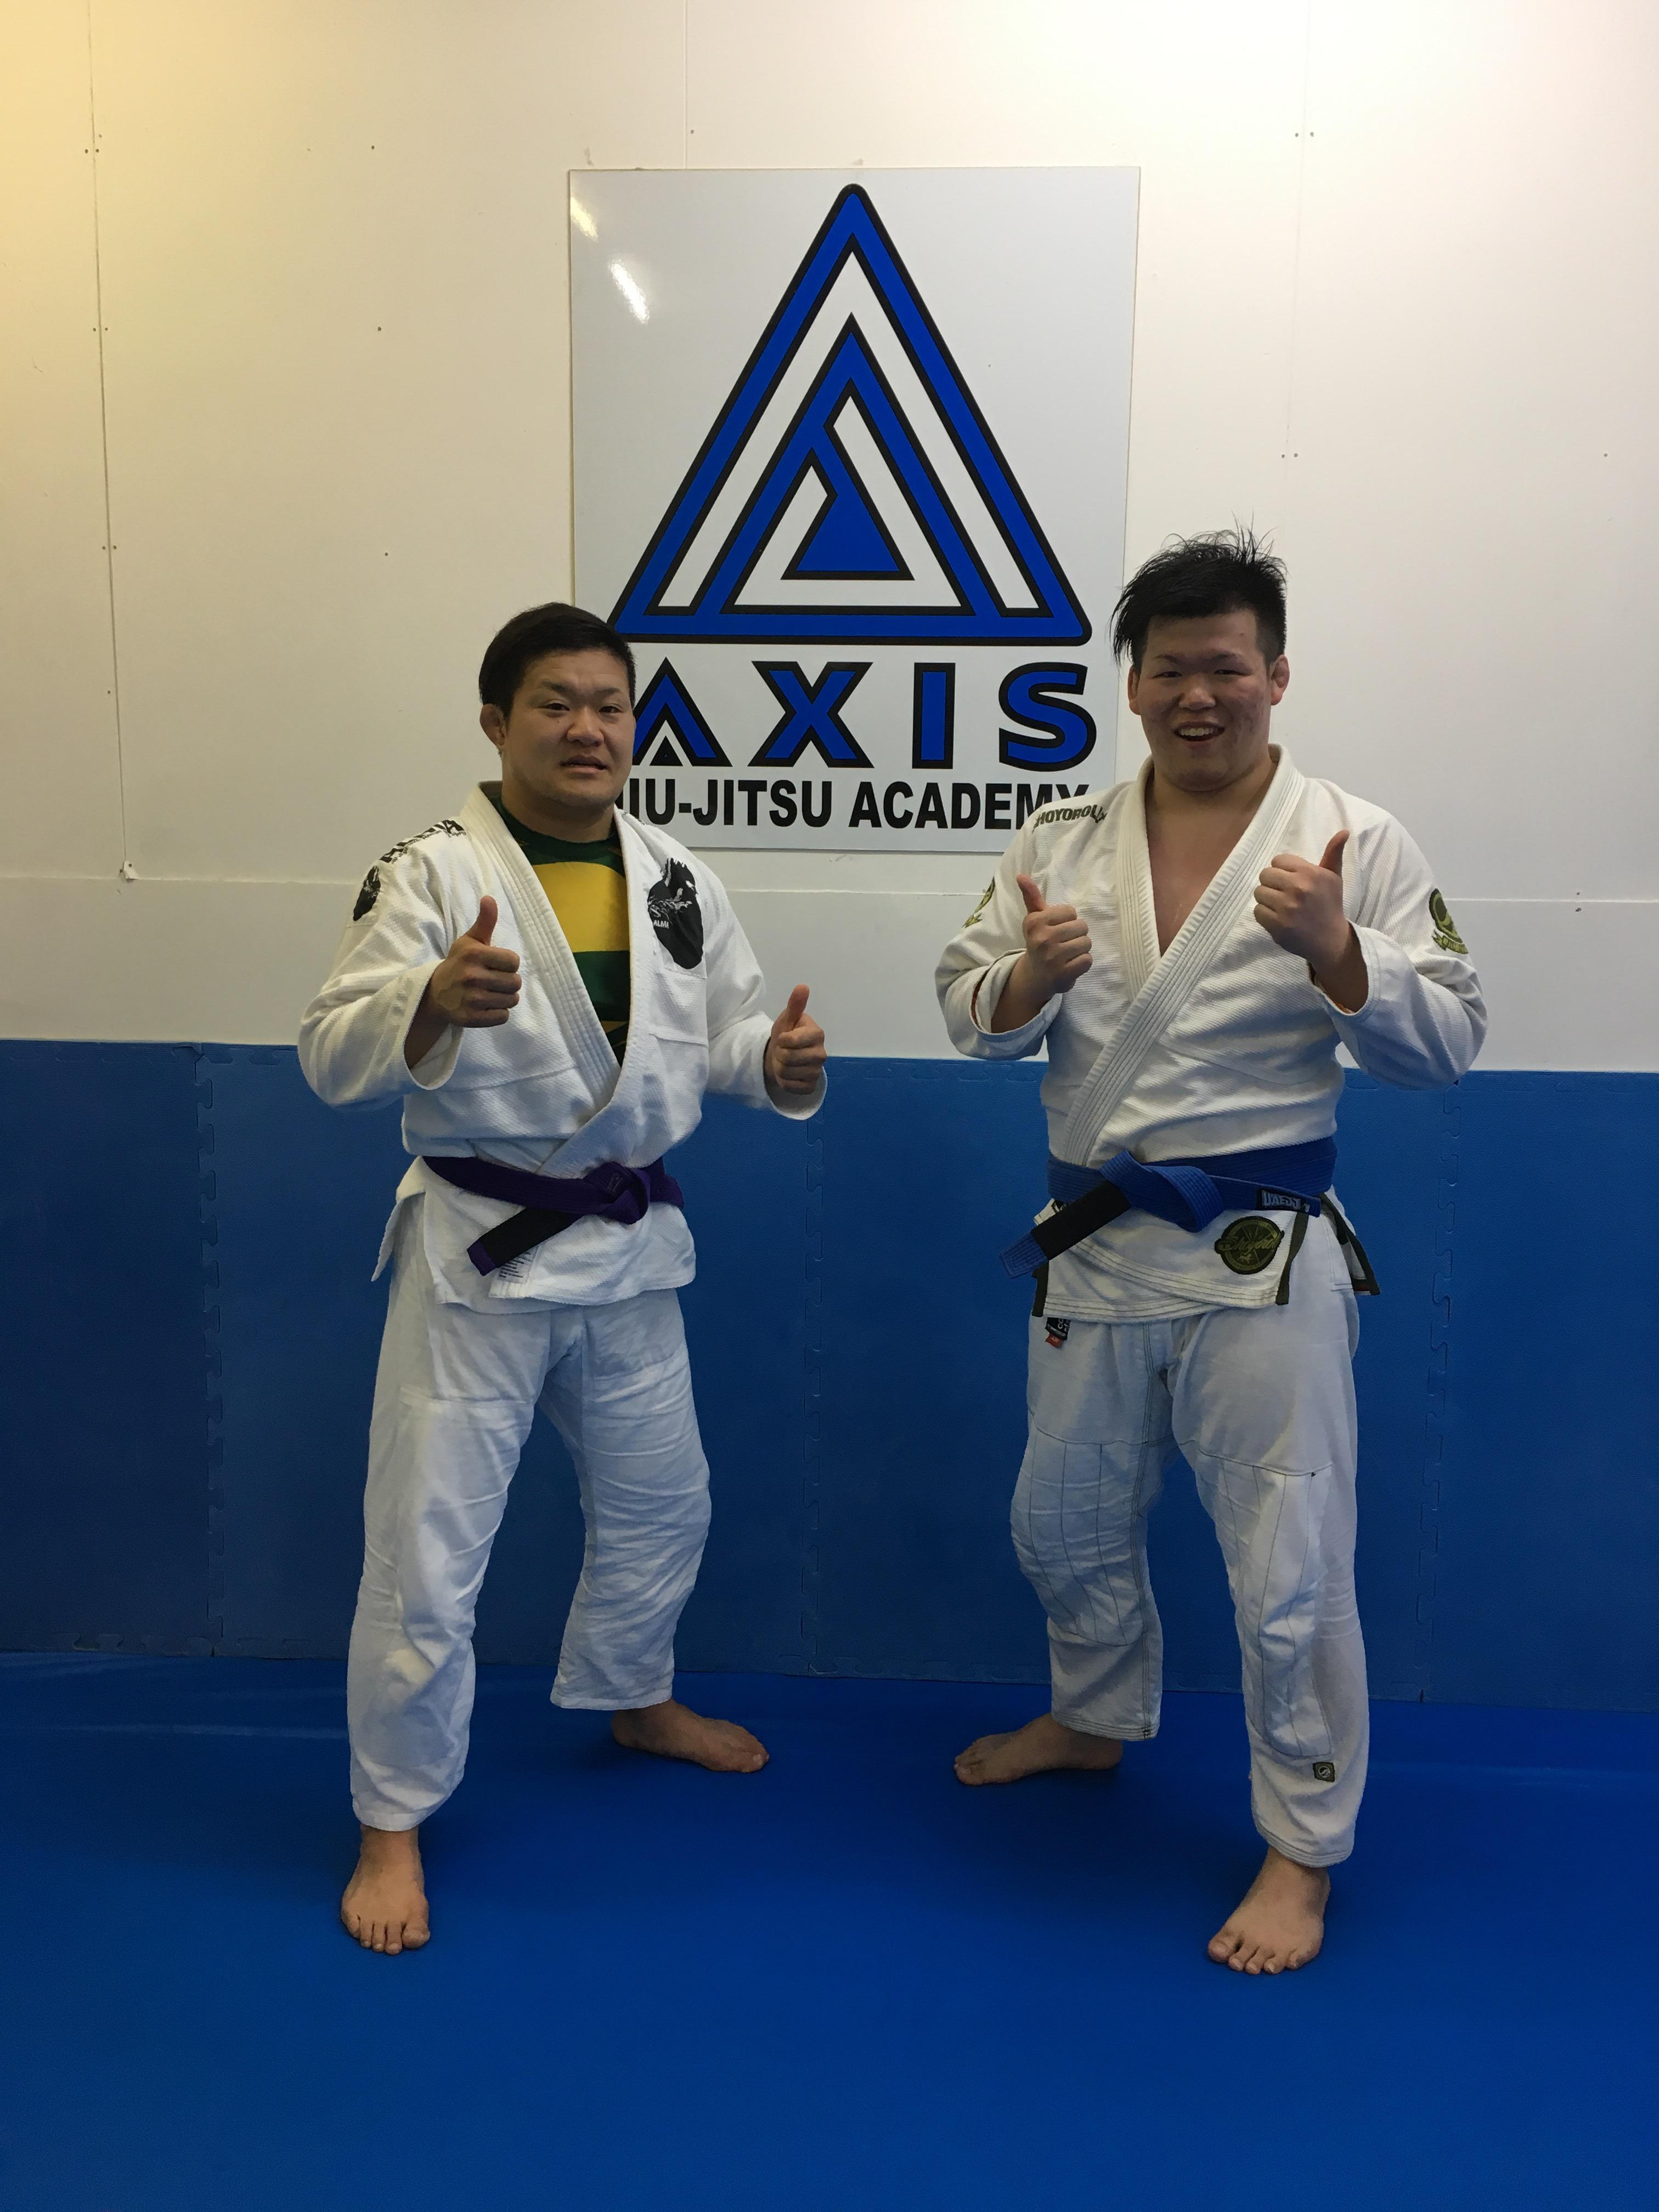 アブダビワールドプロフェッショナル柔術チャンピオンシップ2017